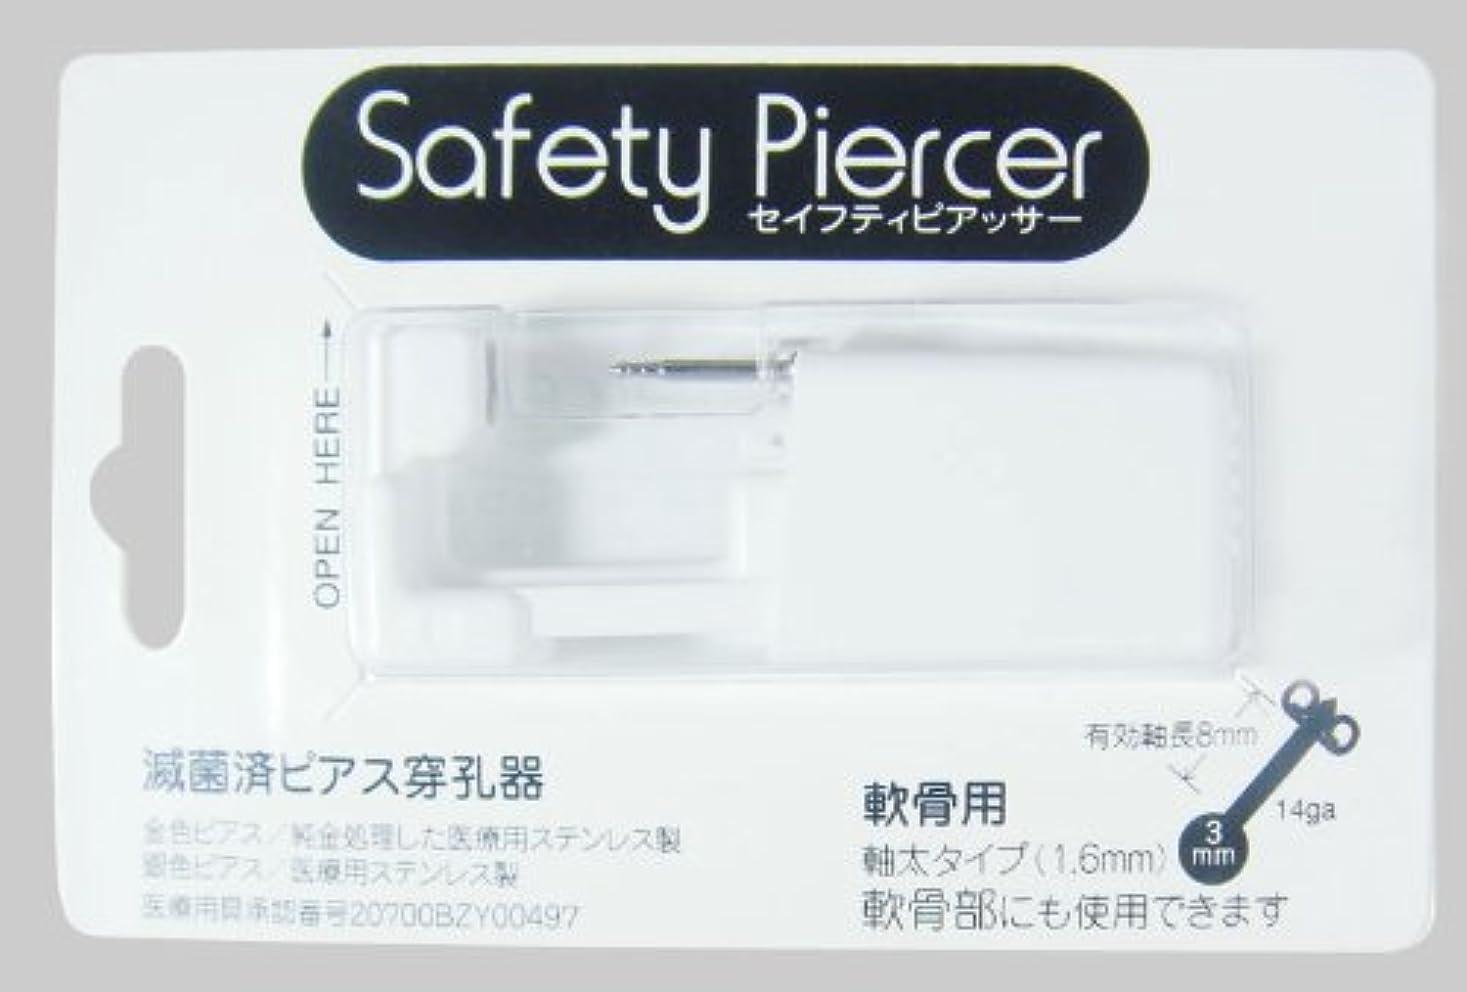 セイフティピアッサー シルバー (軟骨用軸太タイプ ボール 医療用ステンレス) 3mm 5M300WC